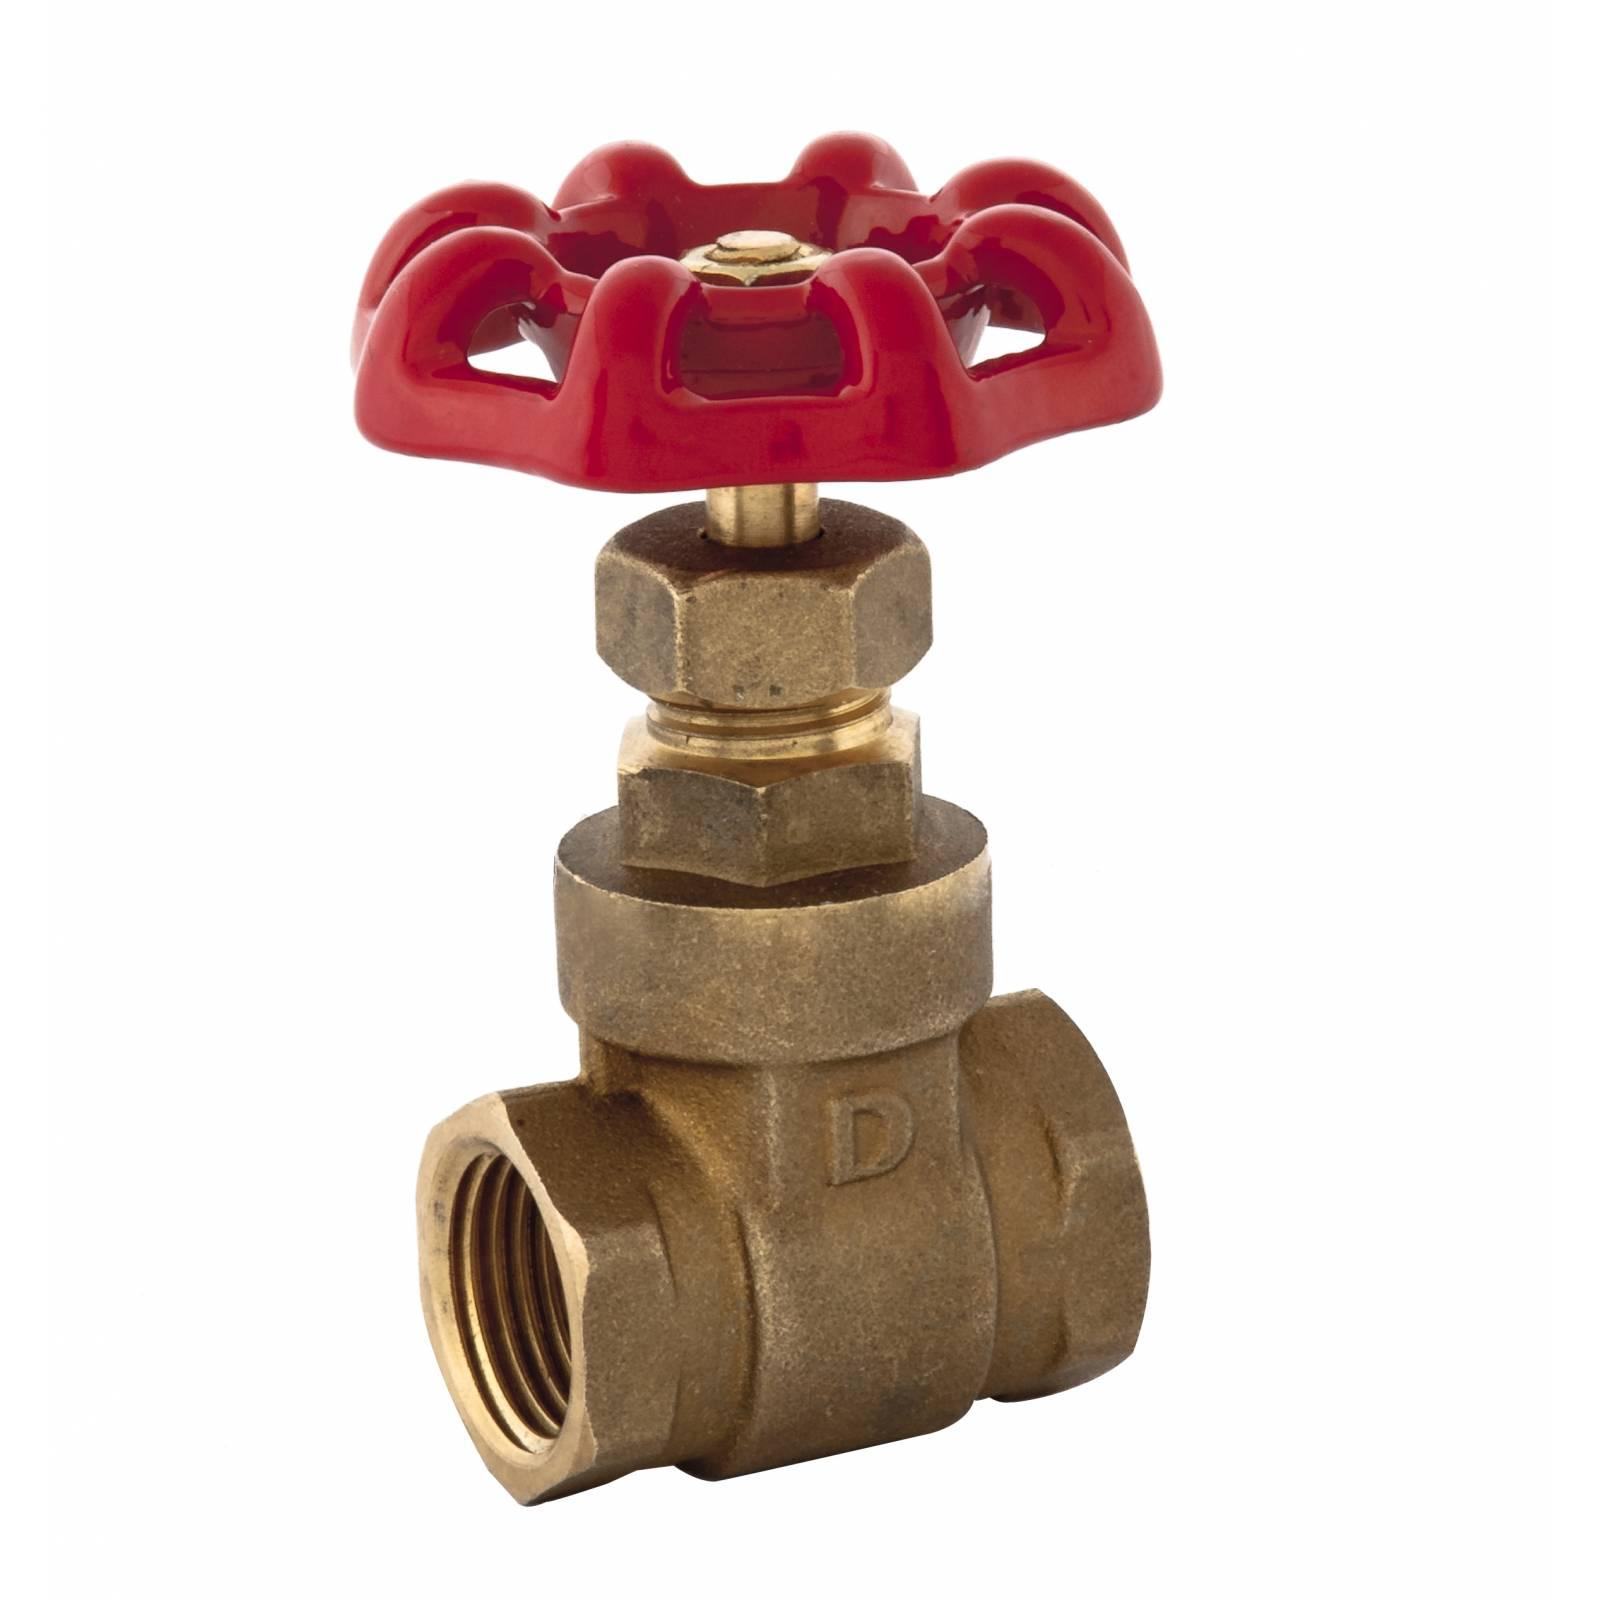 Válvula de globo roscable 3/4in 4065.19 DICA